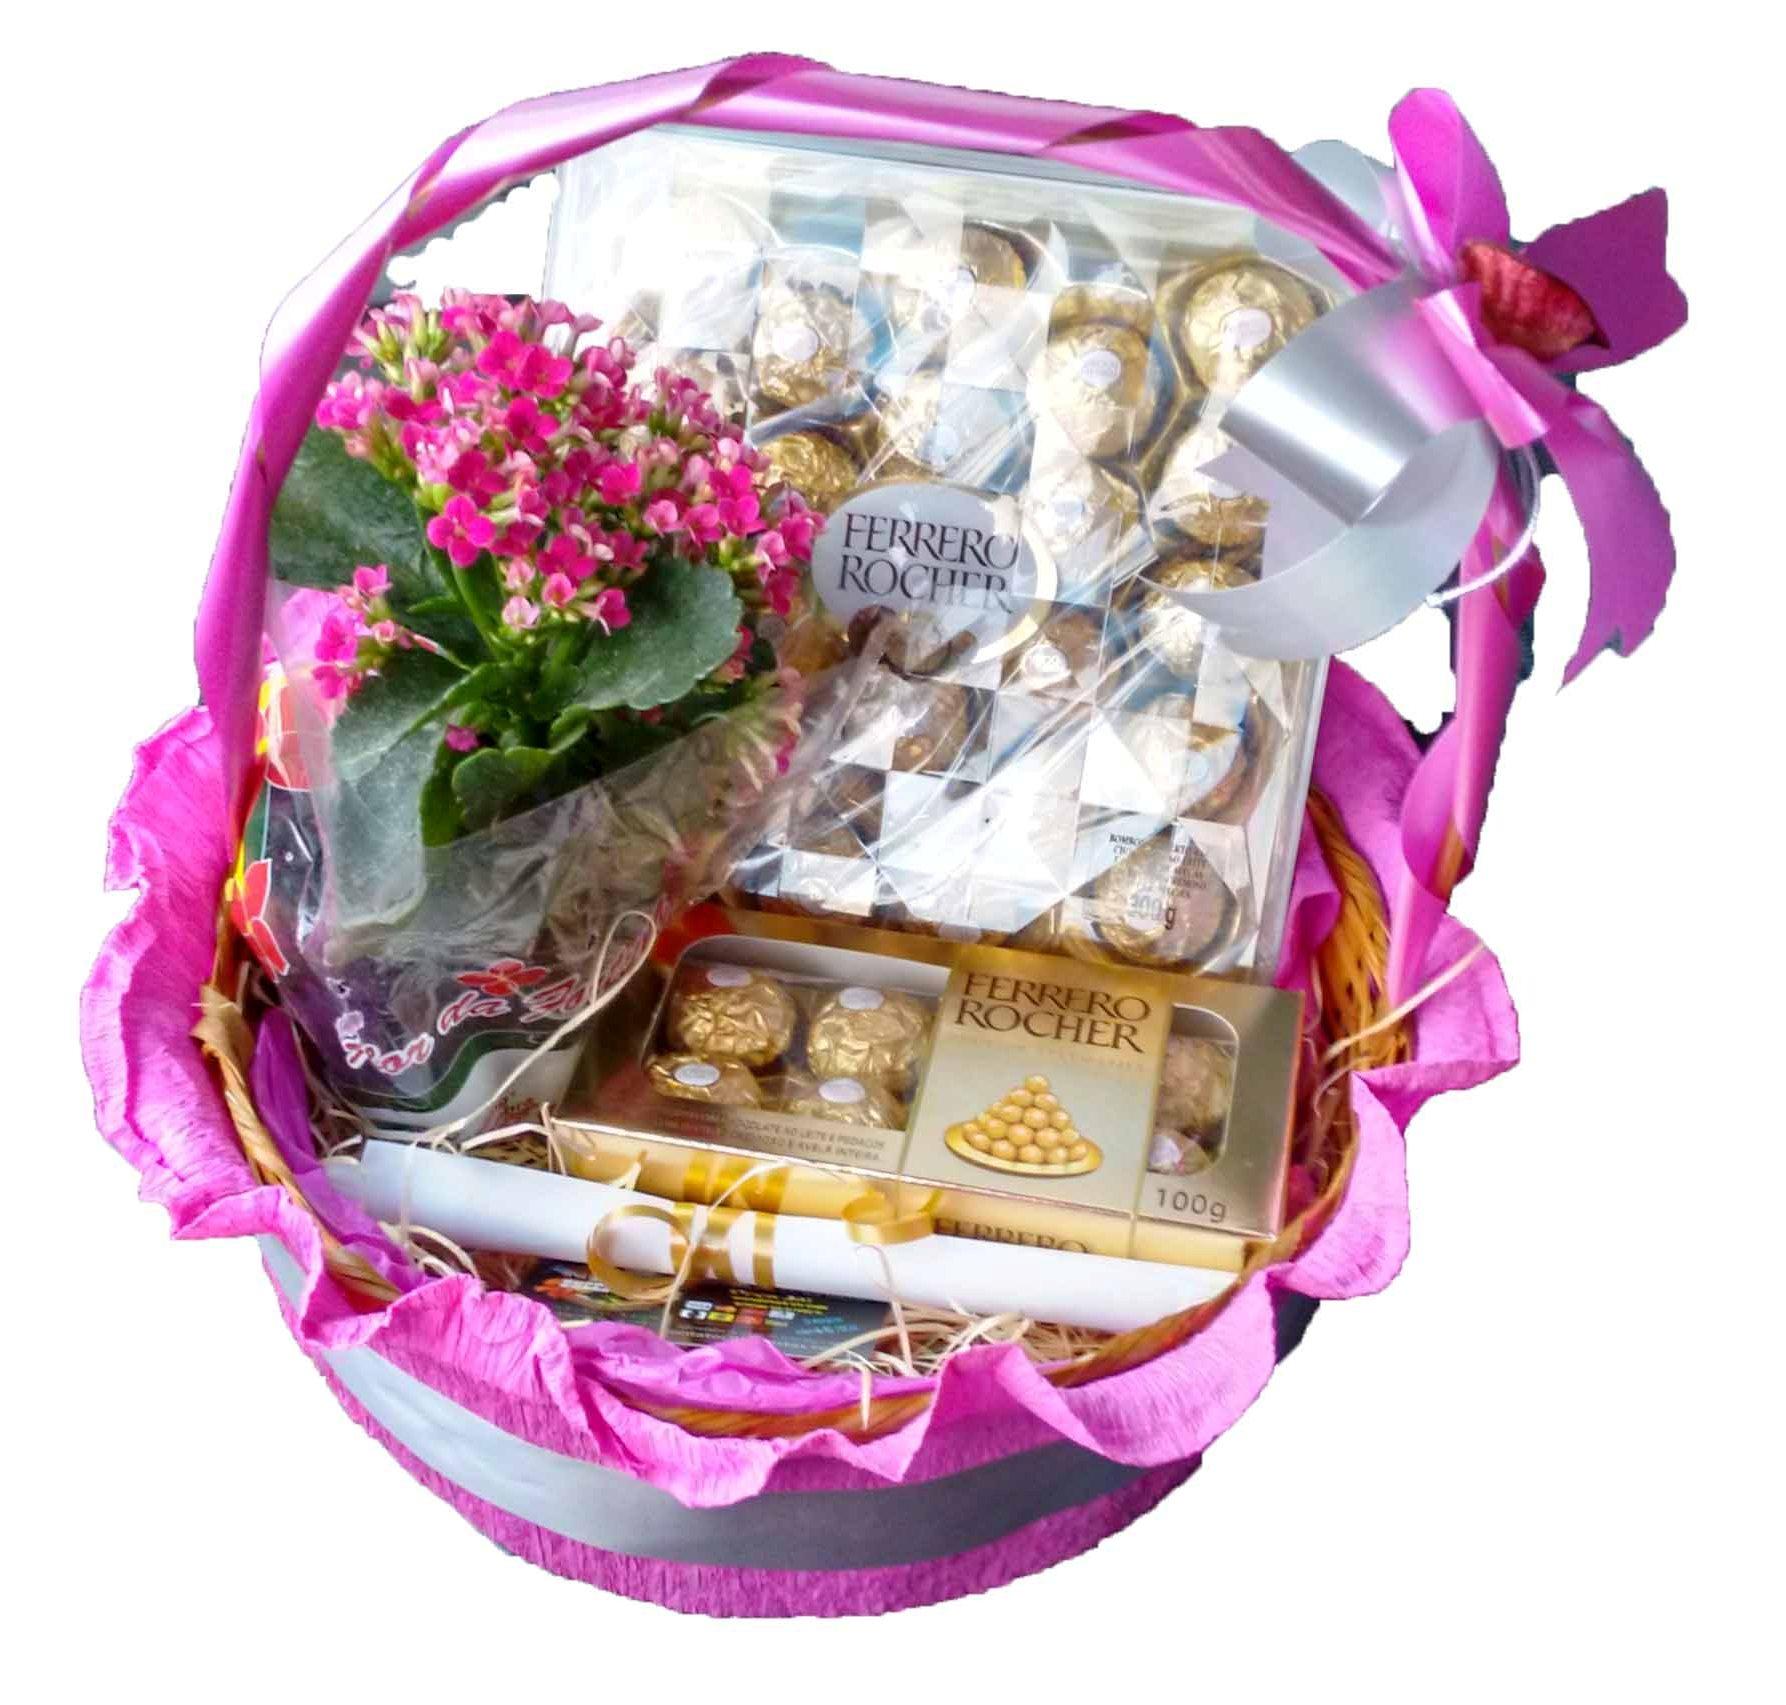 Ferrero rocher e vaso de flor R$ 190